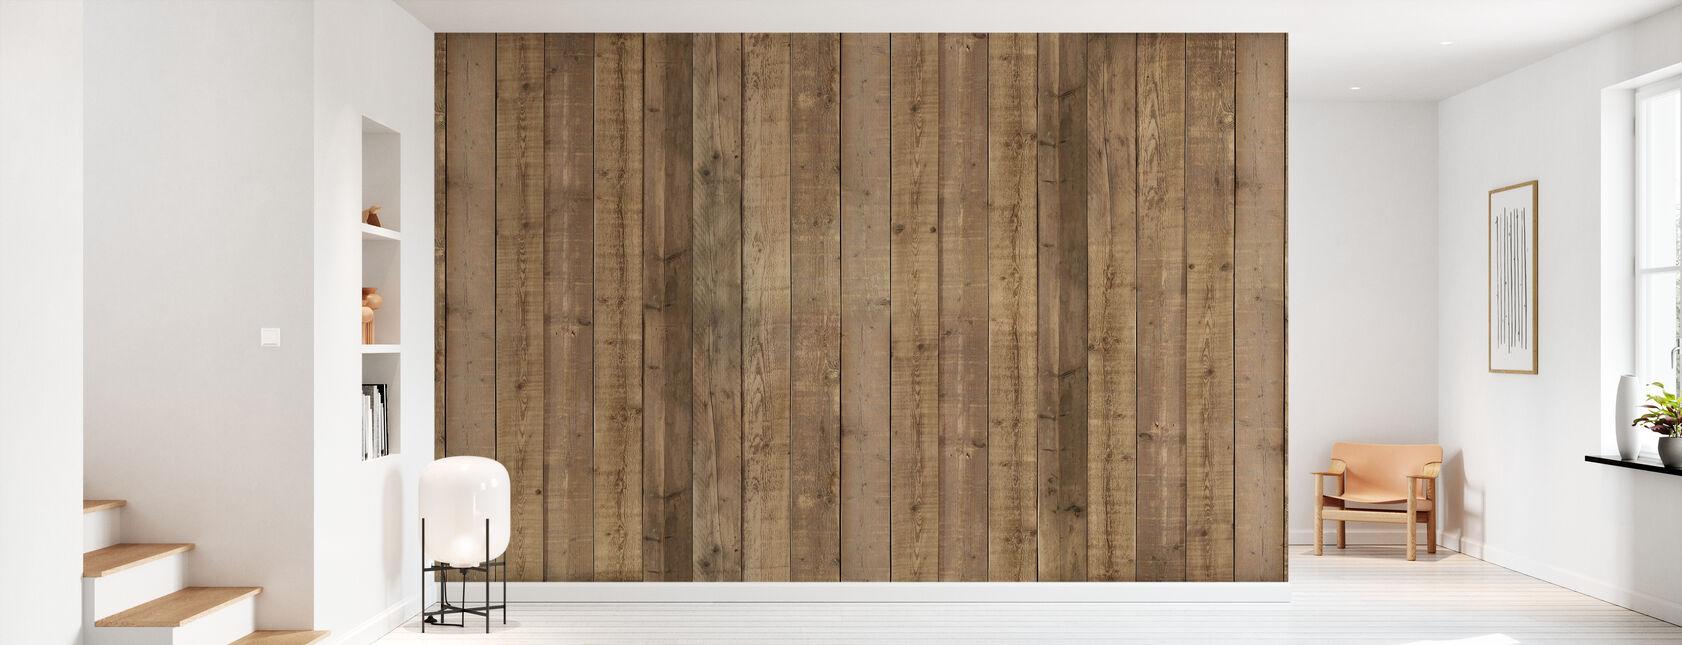 Plank Vegg - Tapet - Gang